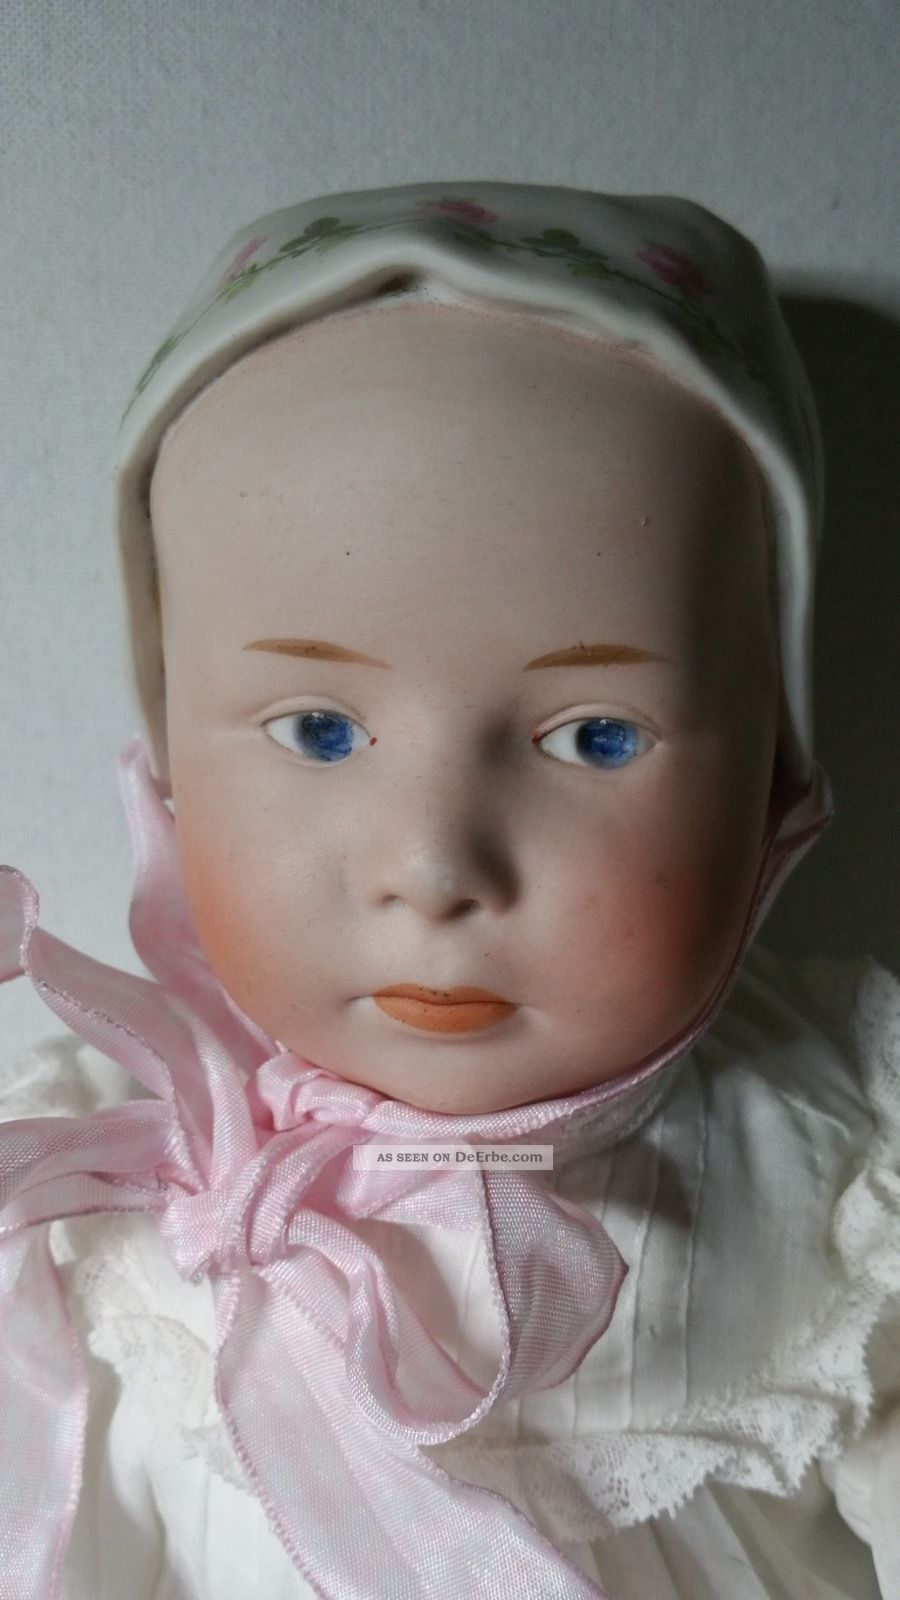 Baby Stuart Manufactur Heubach - Eine Absolute Rarität Porzellankopfpuppen Bild